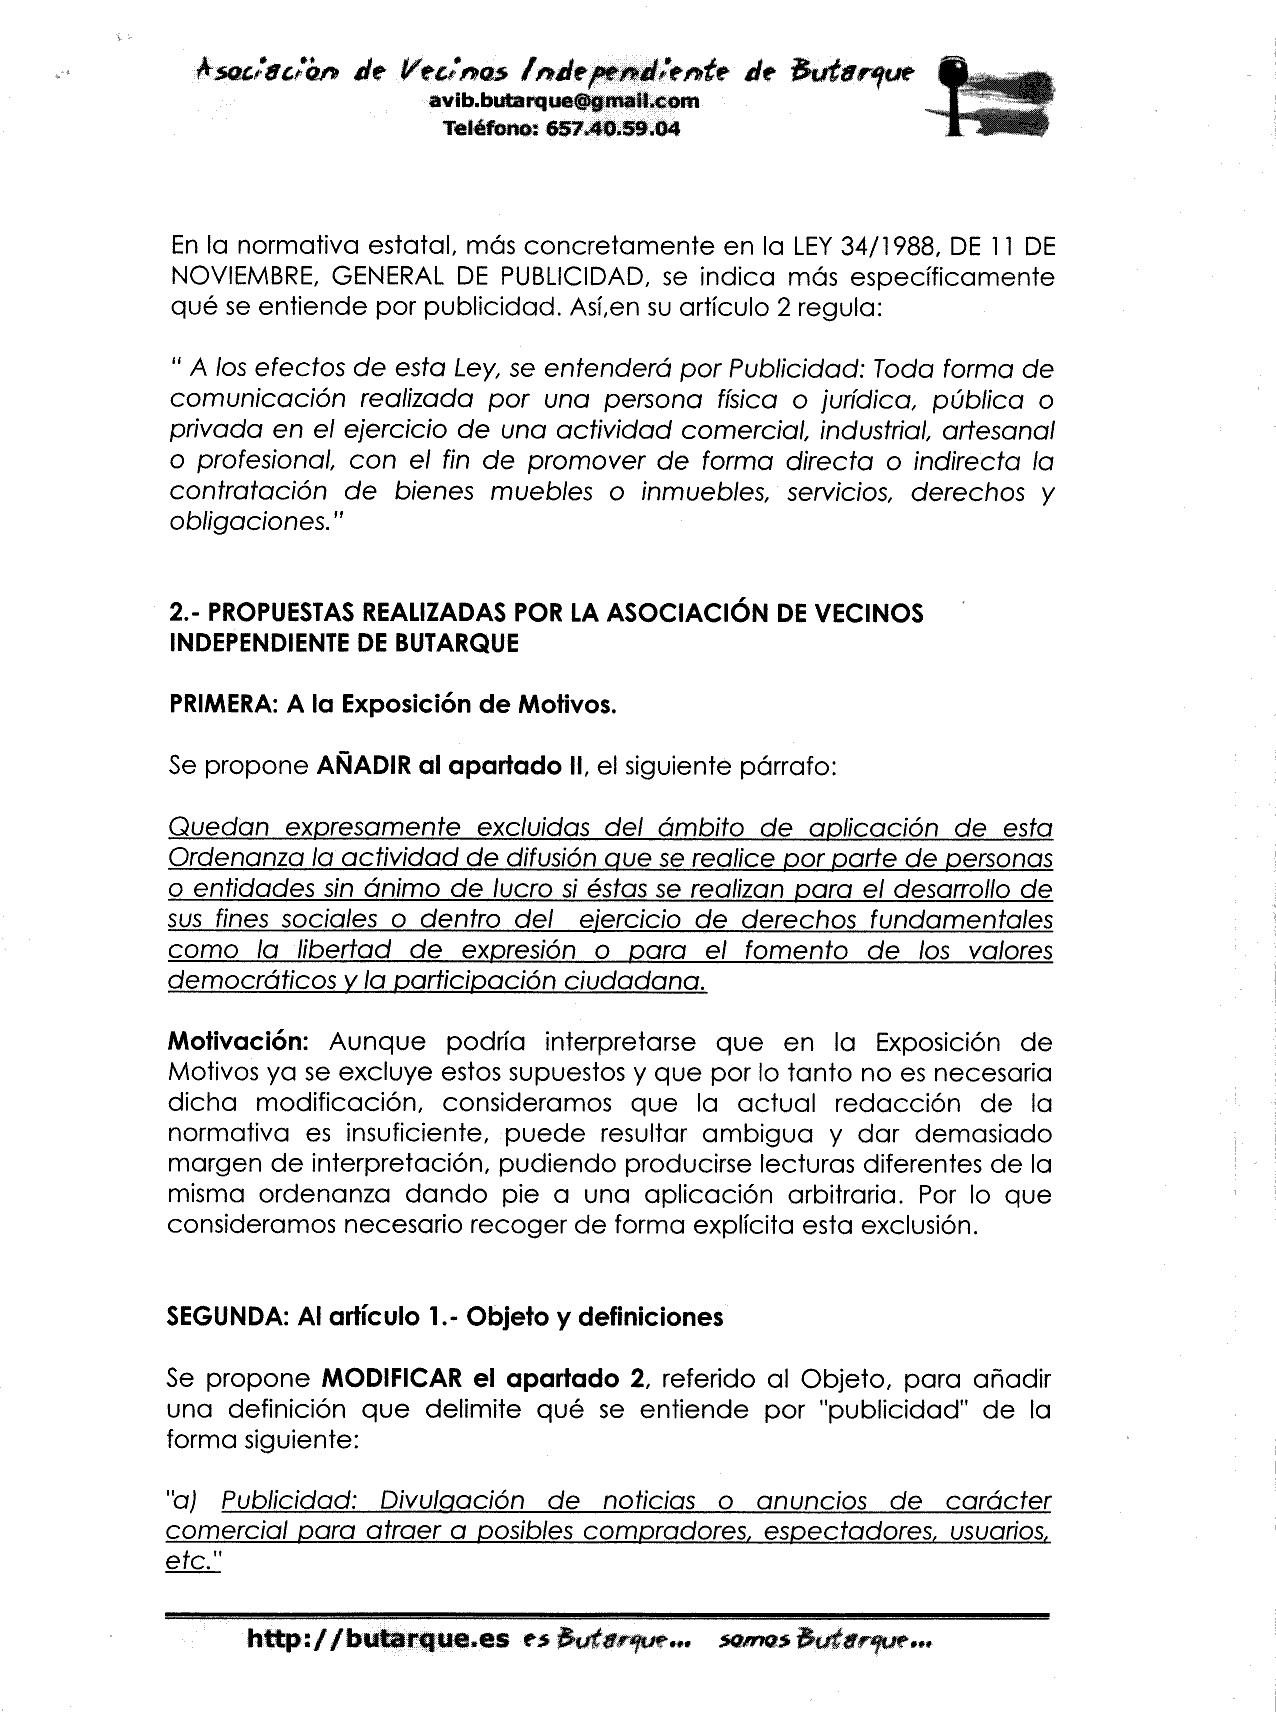 Alegaciones_ordenanza_publicidad_en_lugares_publicos-3.jpg